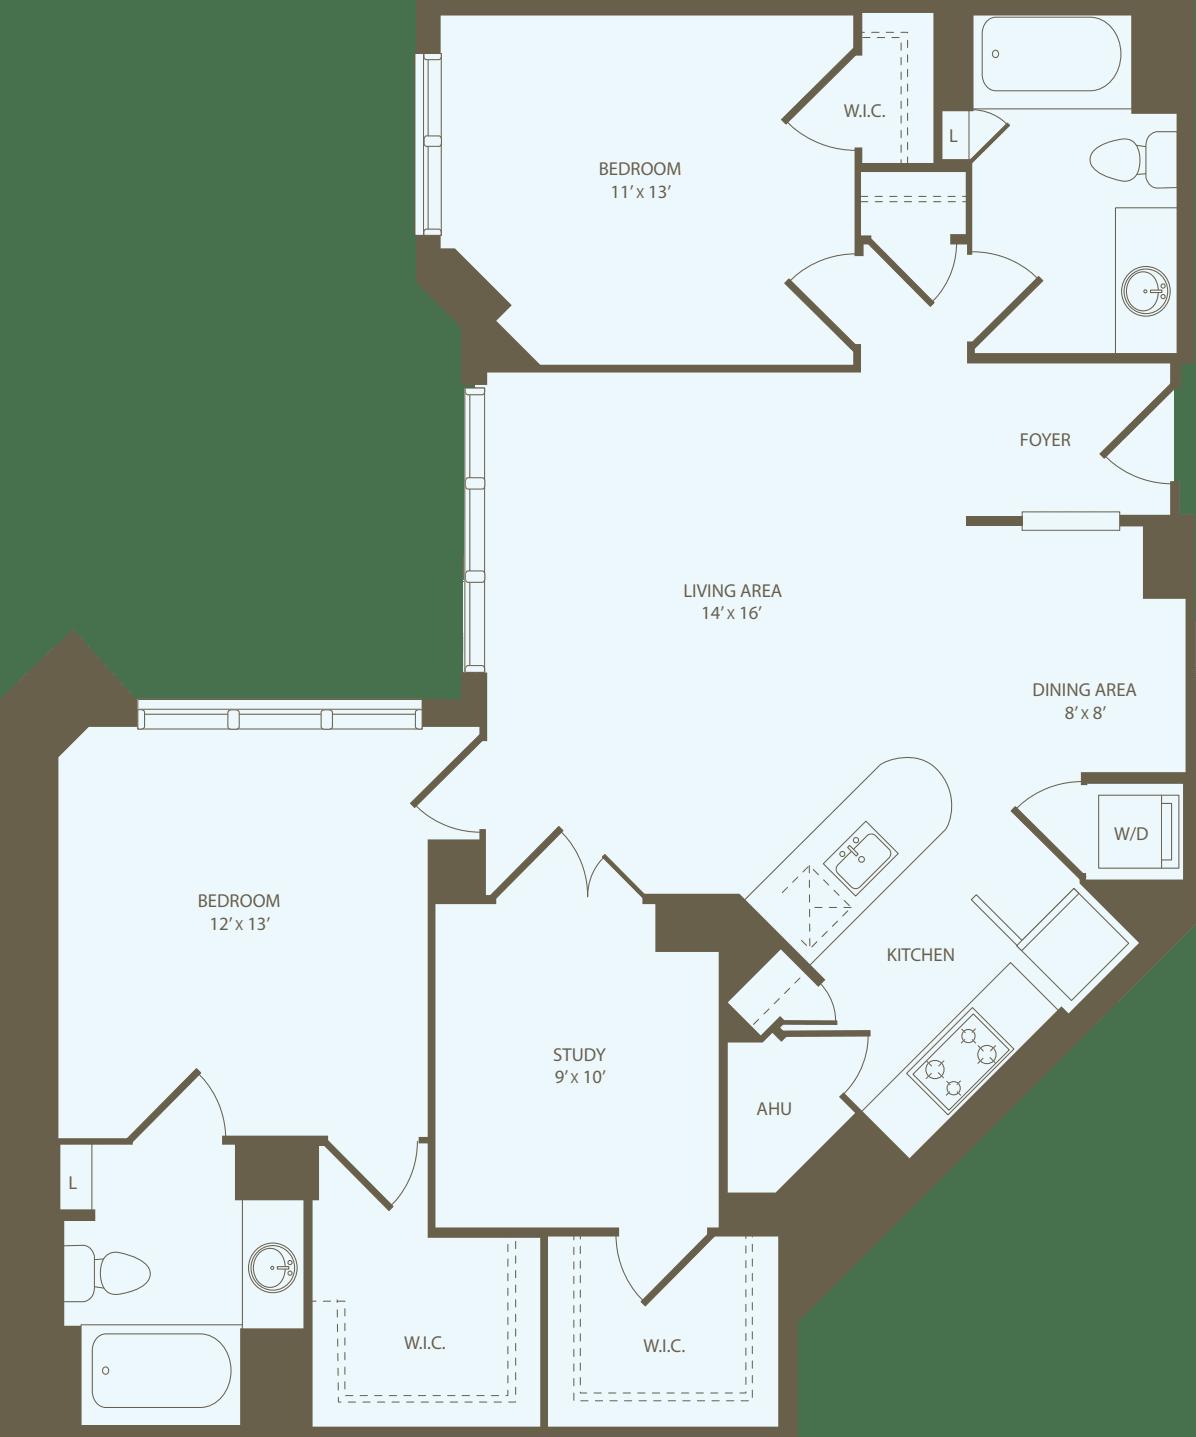 2 Bedrooms ZZ